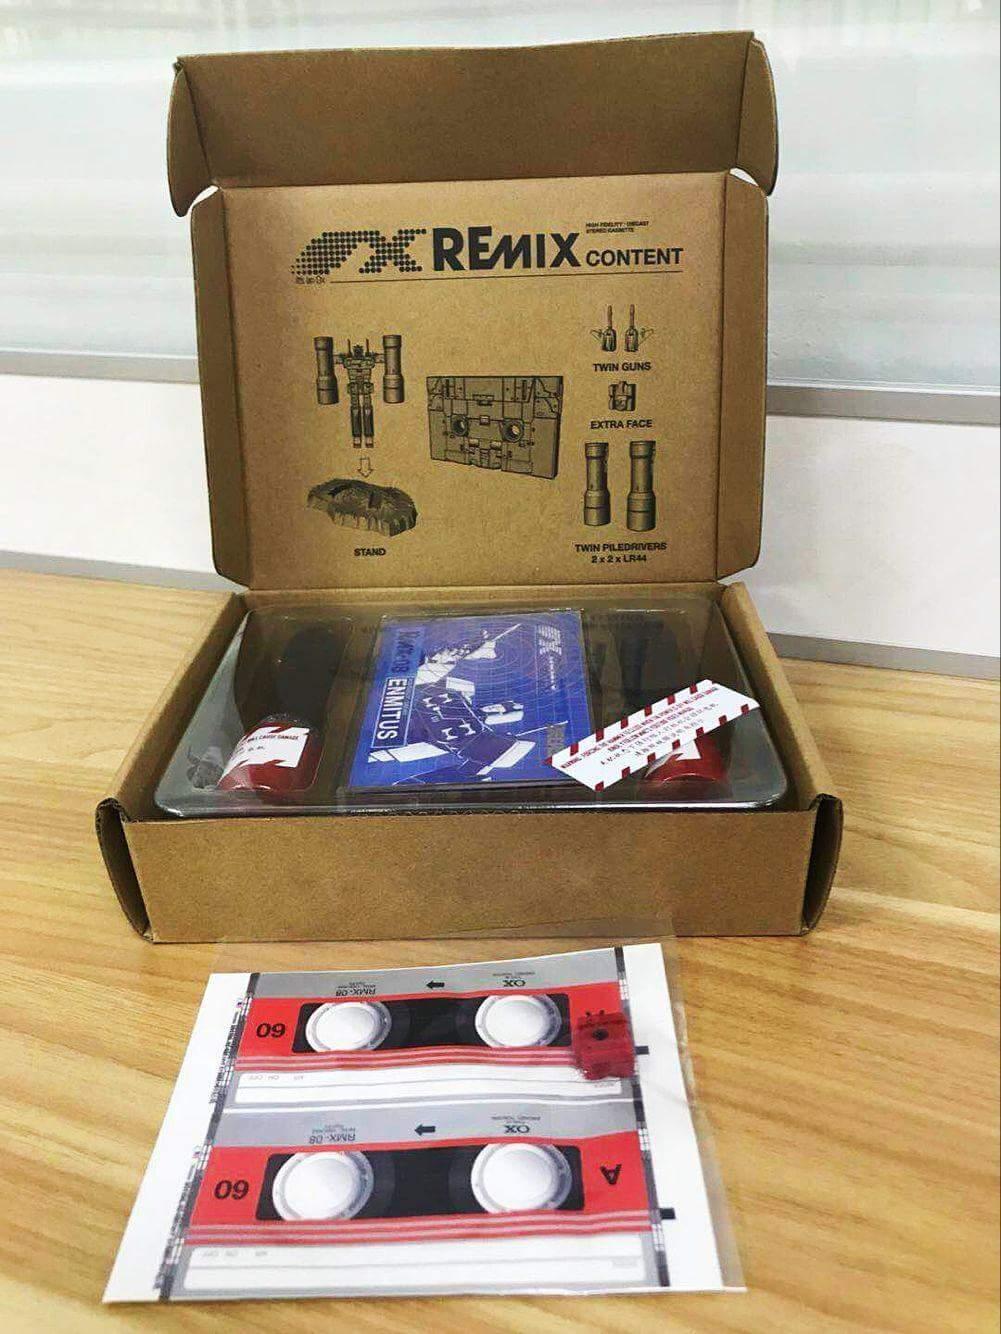 [Ocular Max] Produit Tiers - REMIX - Mini-Cassettes Autobots et Décepticons (surdimensionnées) - Page 3 XA7bYr0w_o